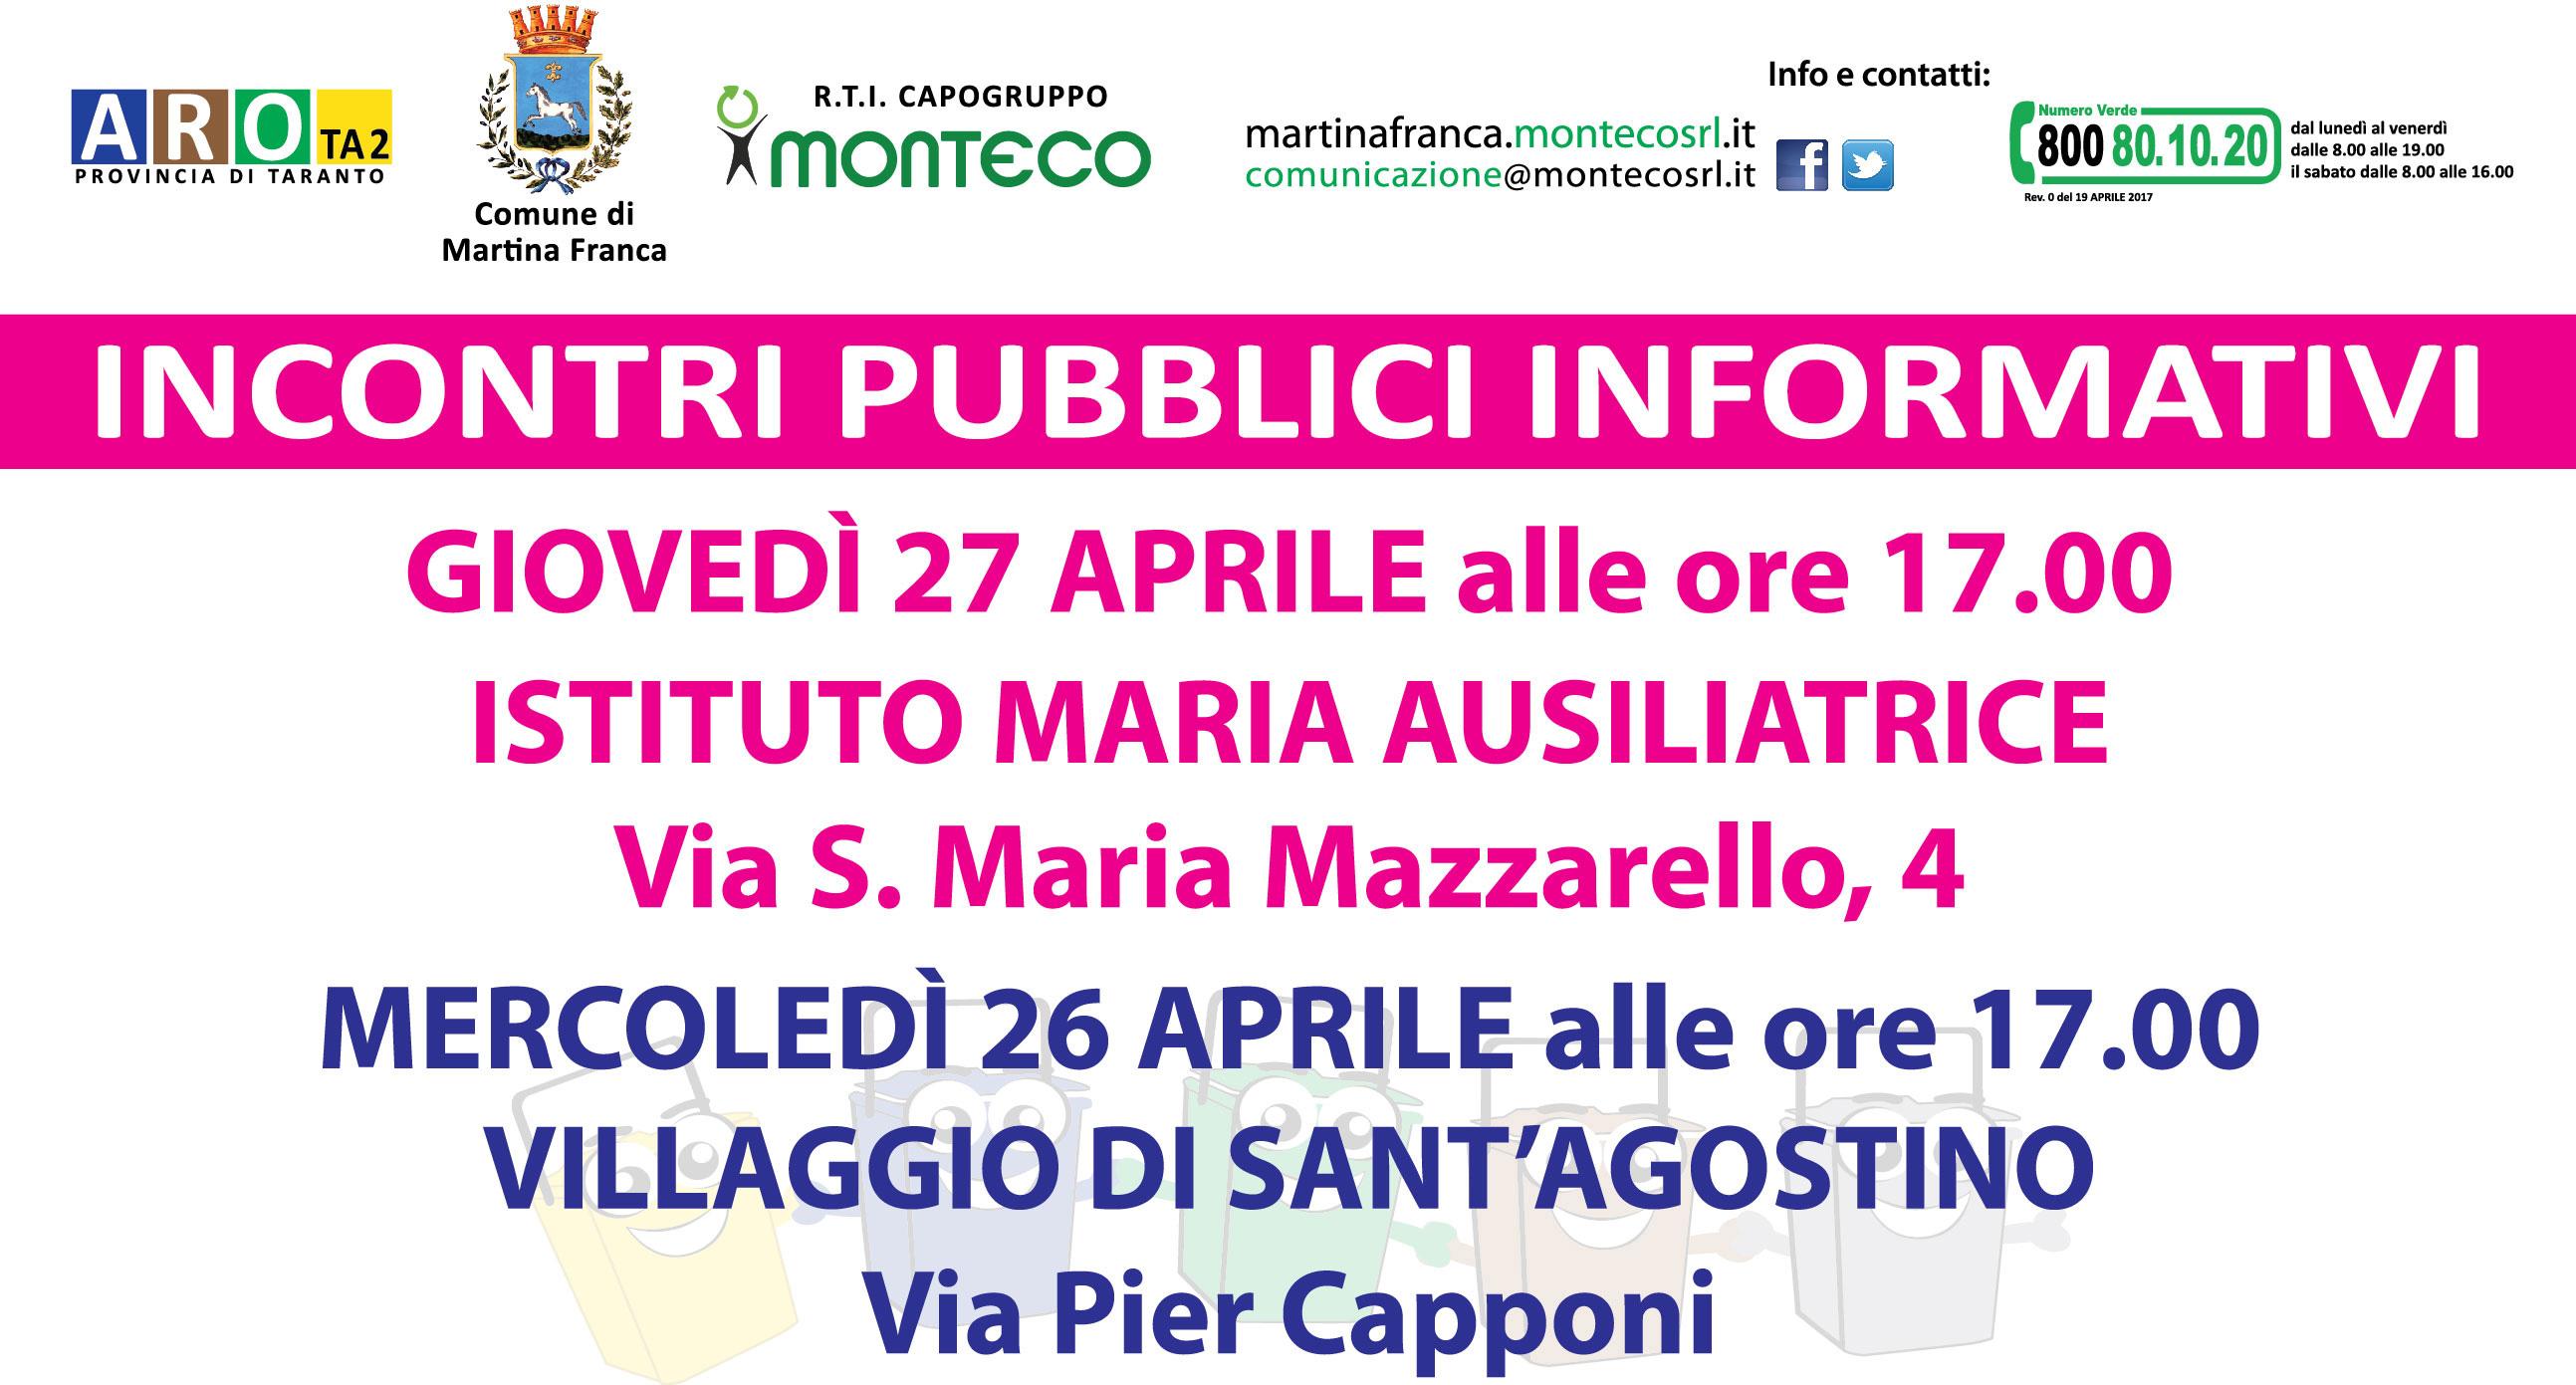 MARTINA FRANCA: INCONTRI PUBBLICI INFORMATIVI